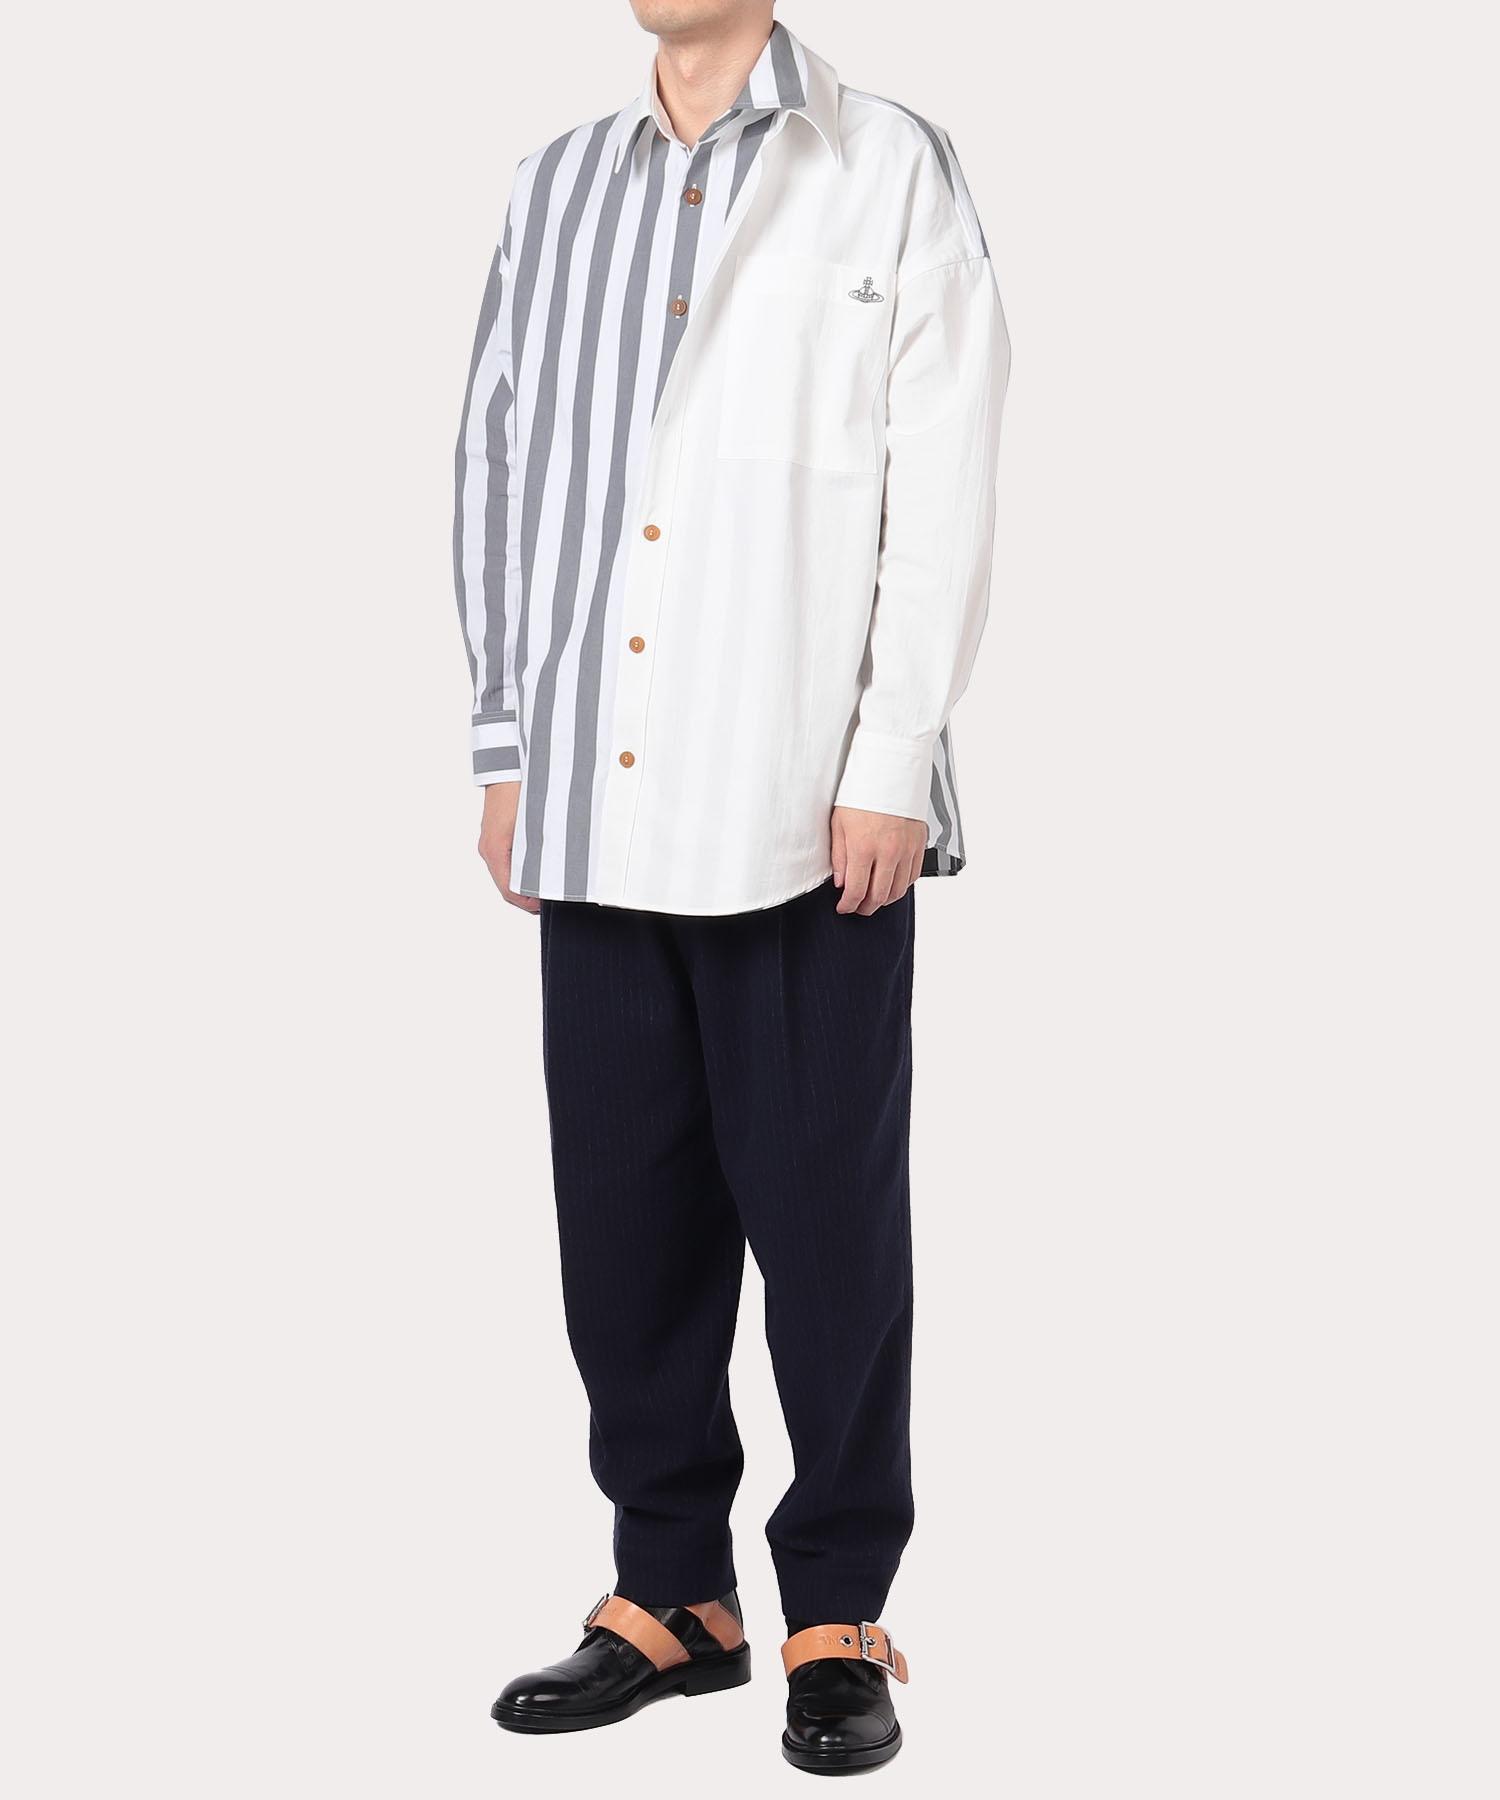 ブロックストライプ アントニオシャツ